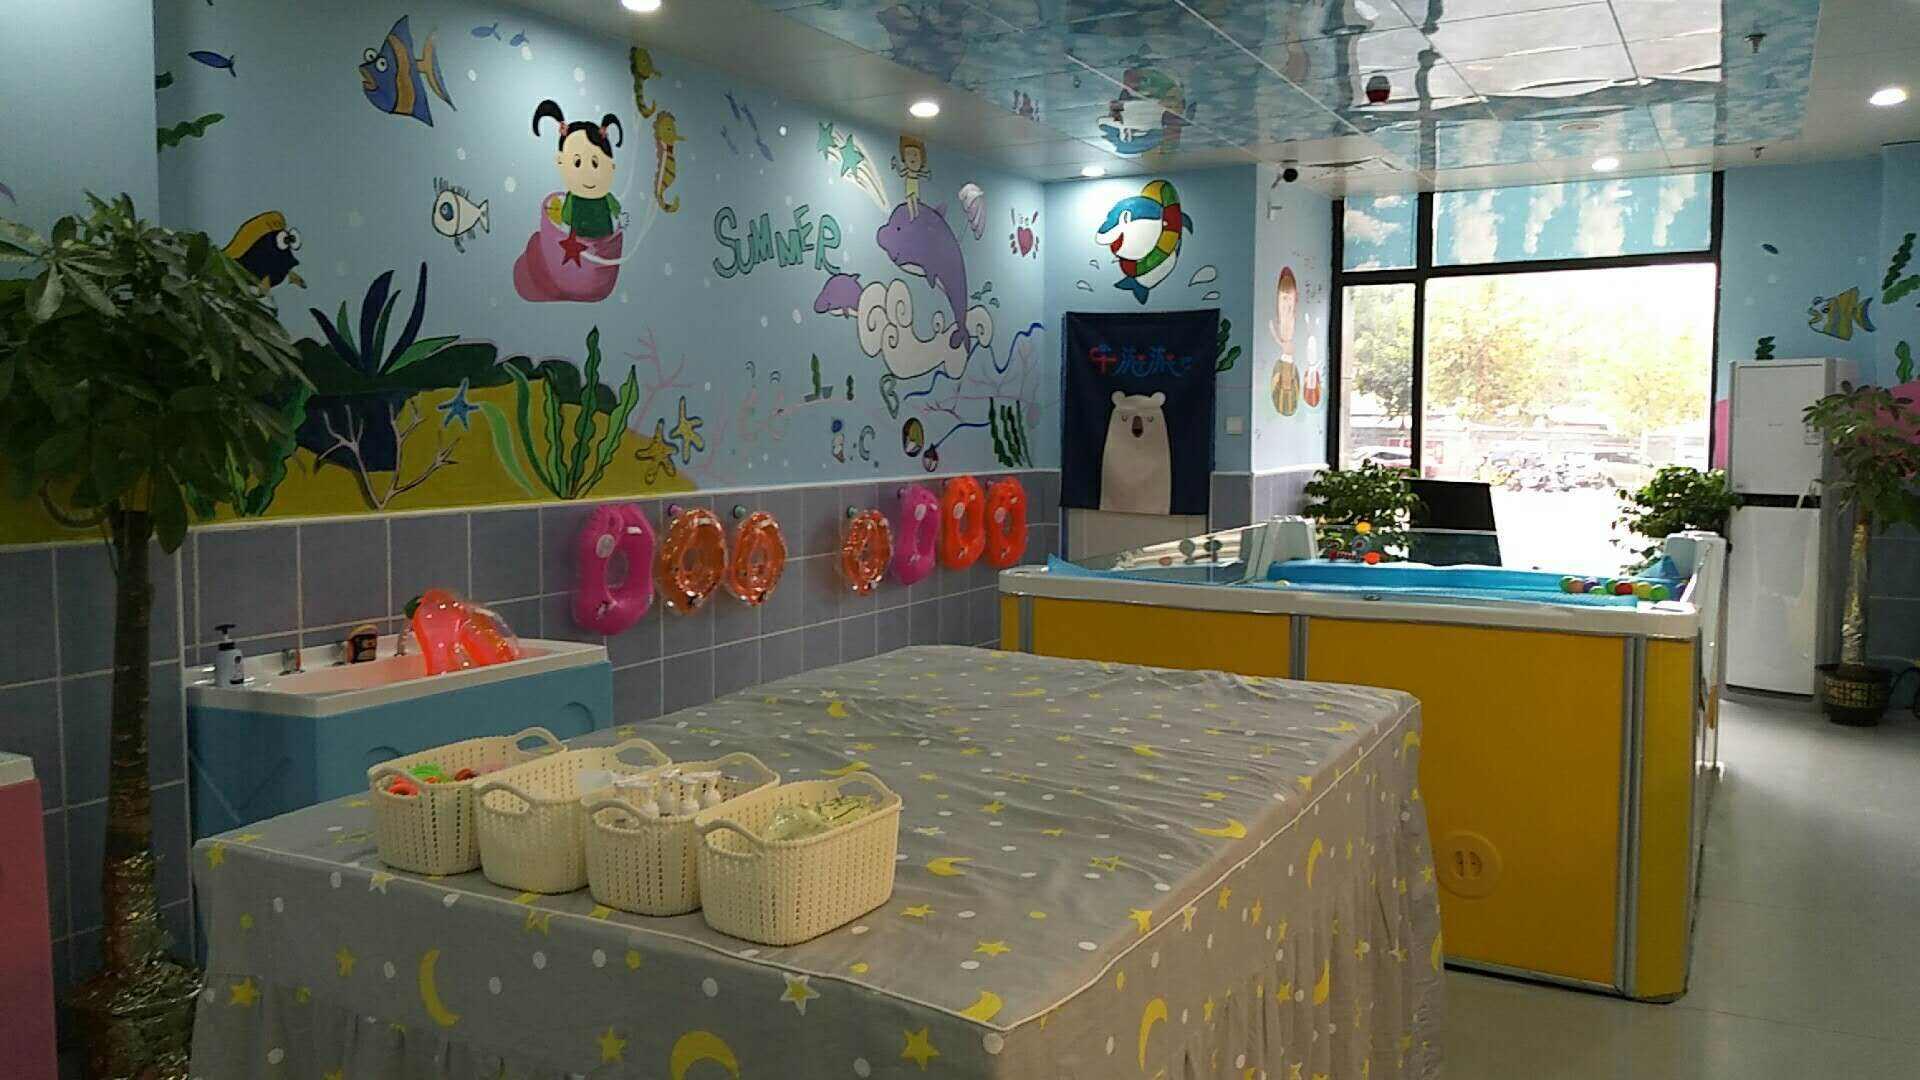 室内儿童婴儿游泳馆图片 诚信服务「上海徐甸玩具供应